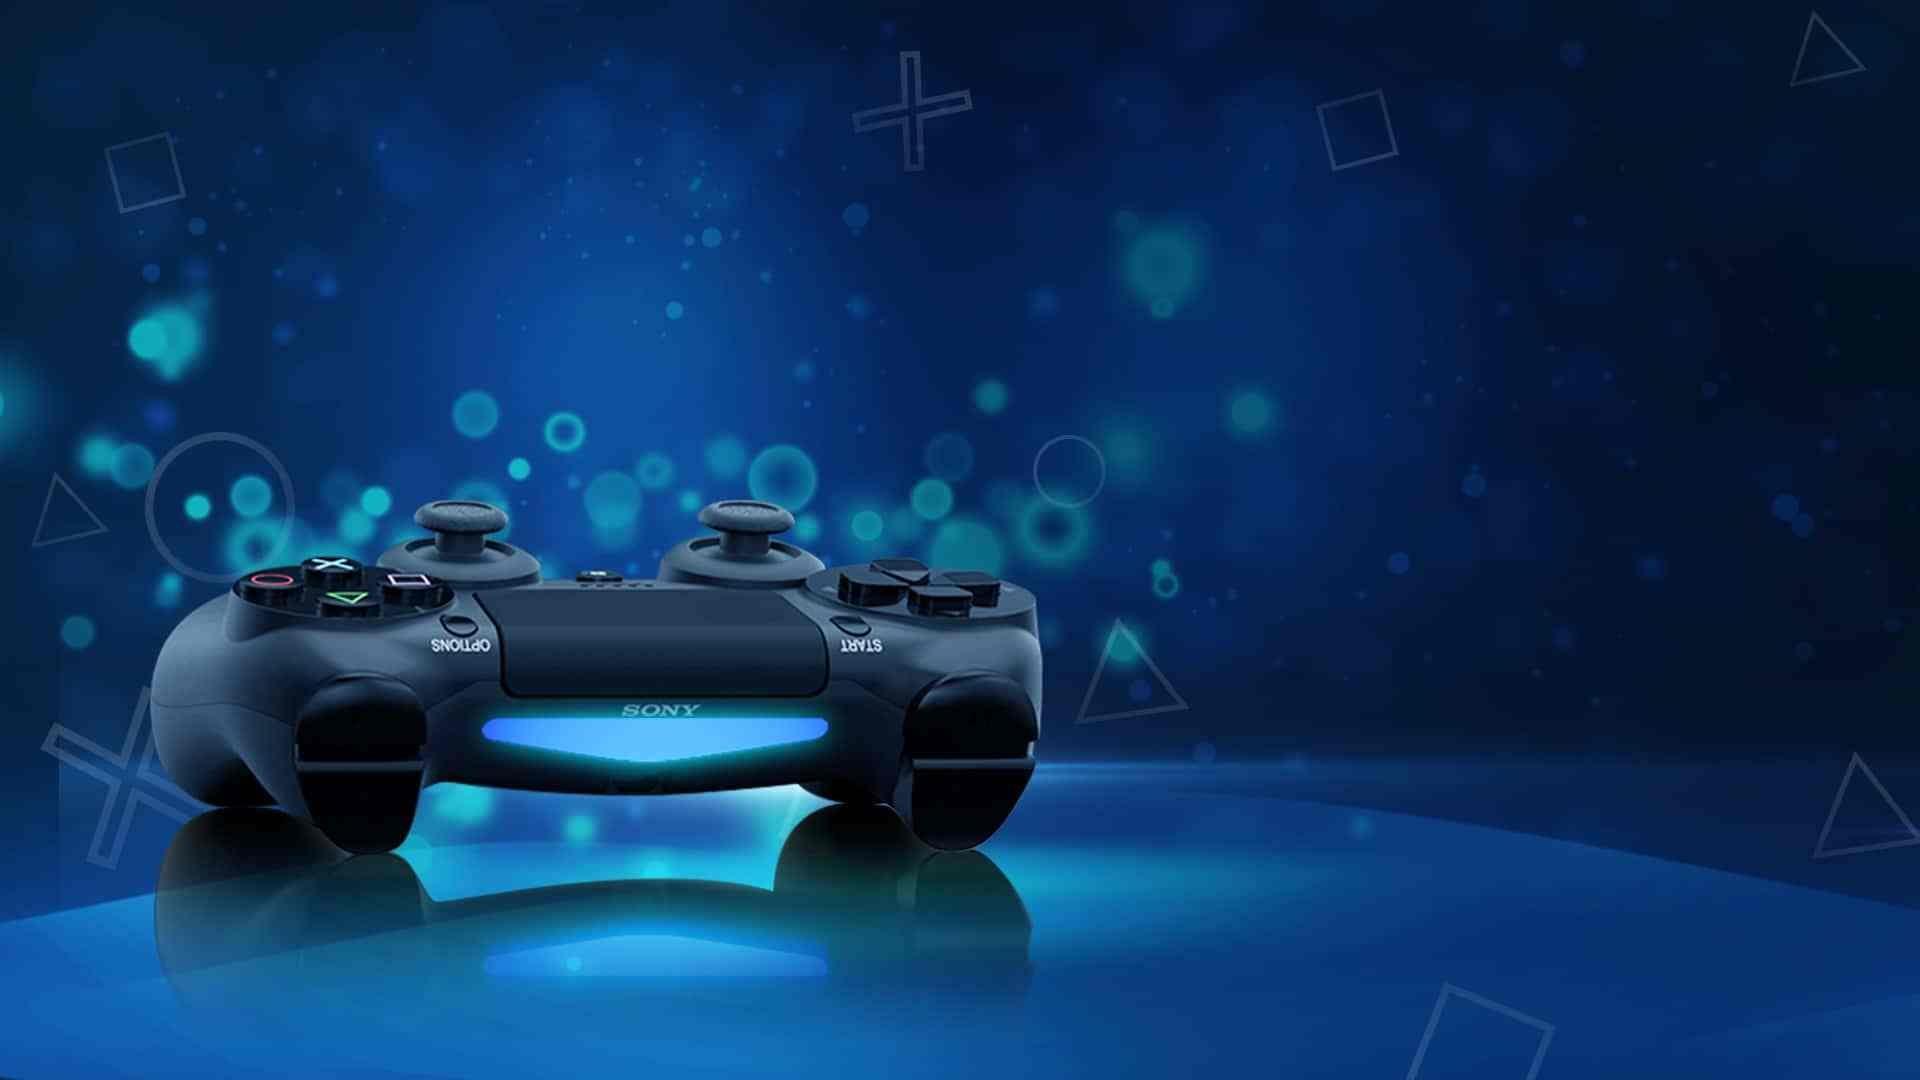 Dikabarkan Sony akan Meluncurkan PlayStation 5 Pada Februari 2020 3